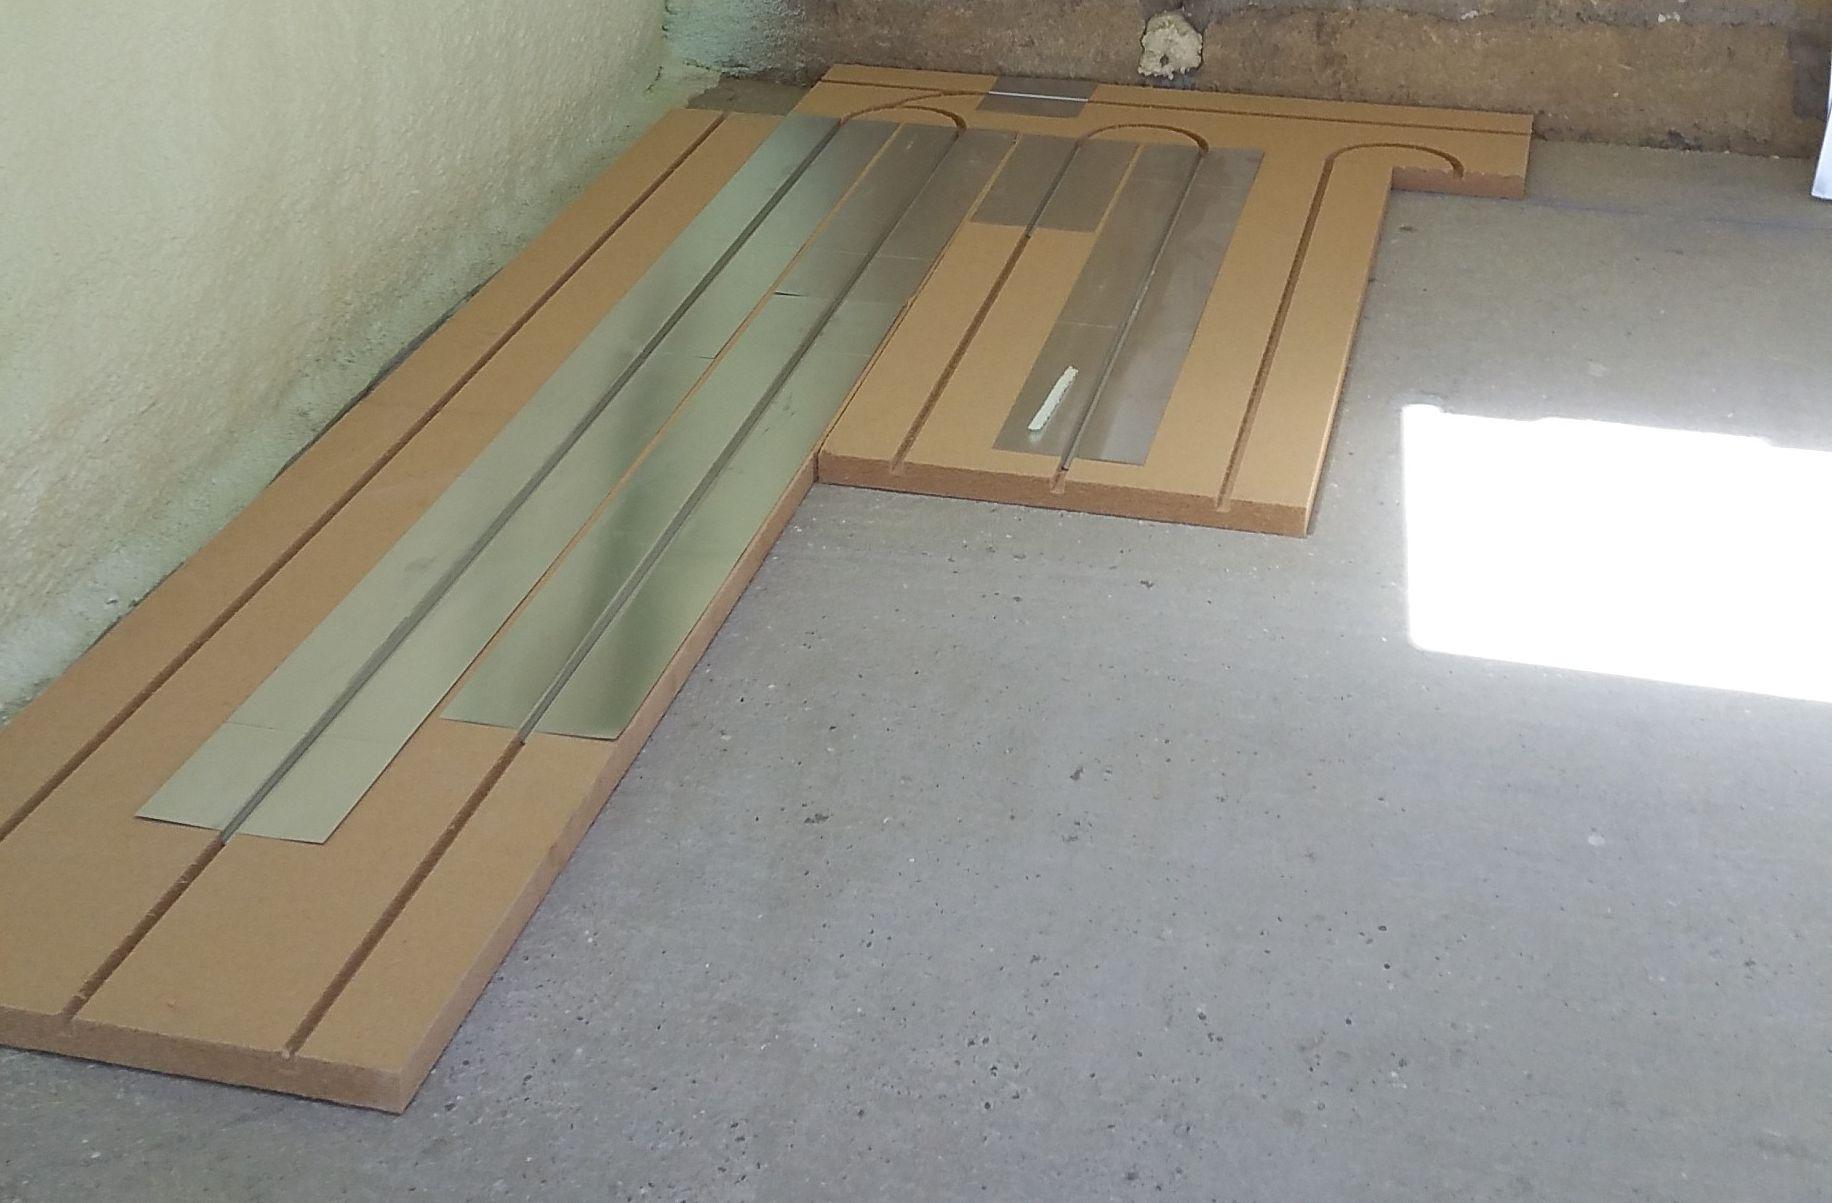 pose du plancher chauffant Caleosol ECO+ à Châteaudun et Morée